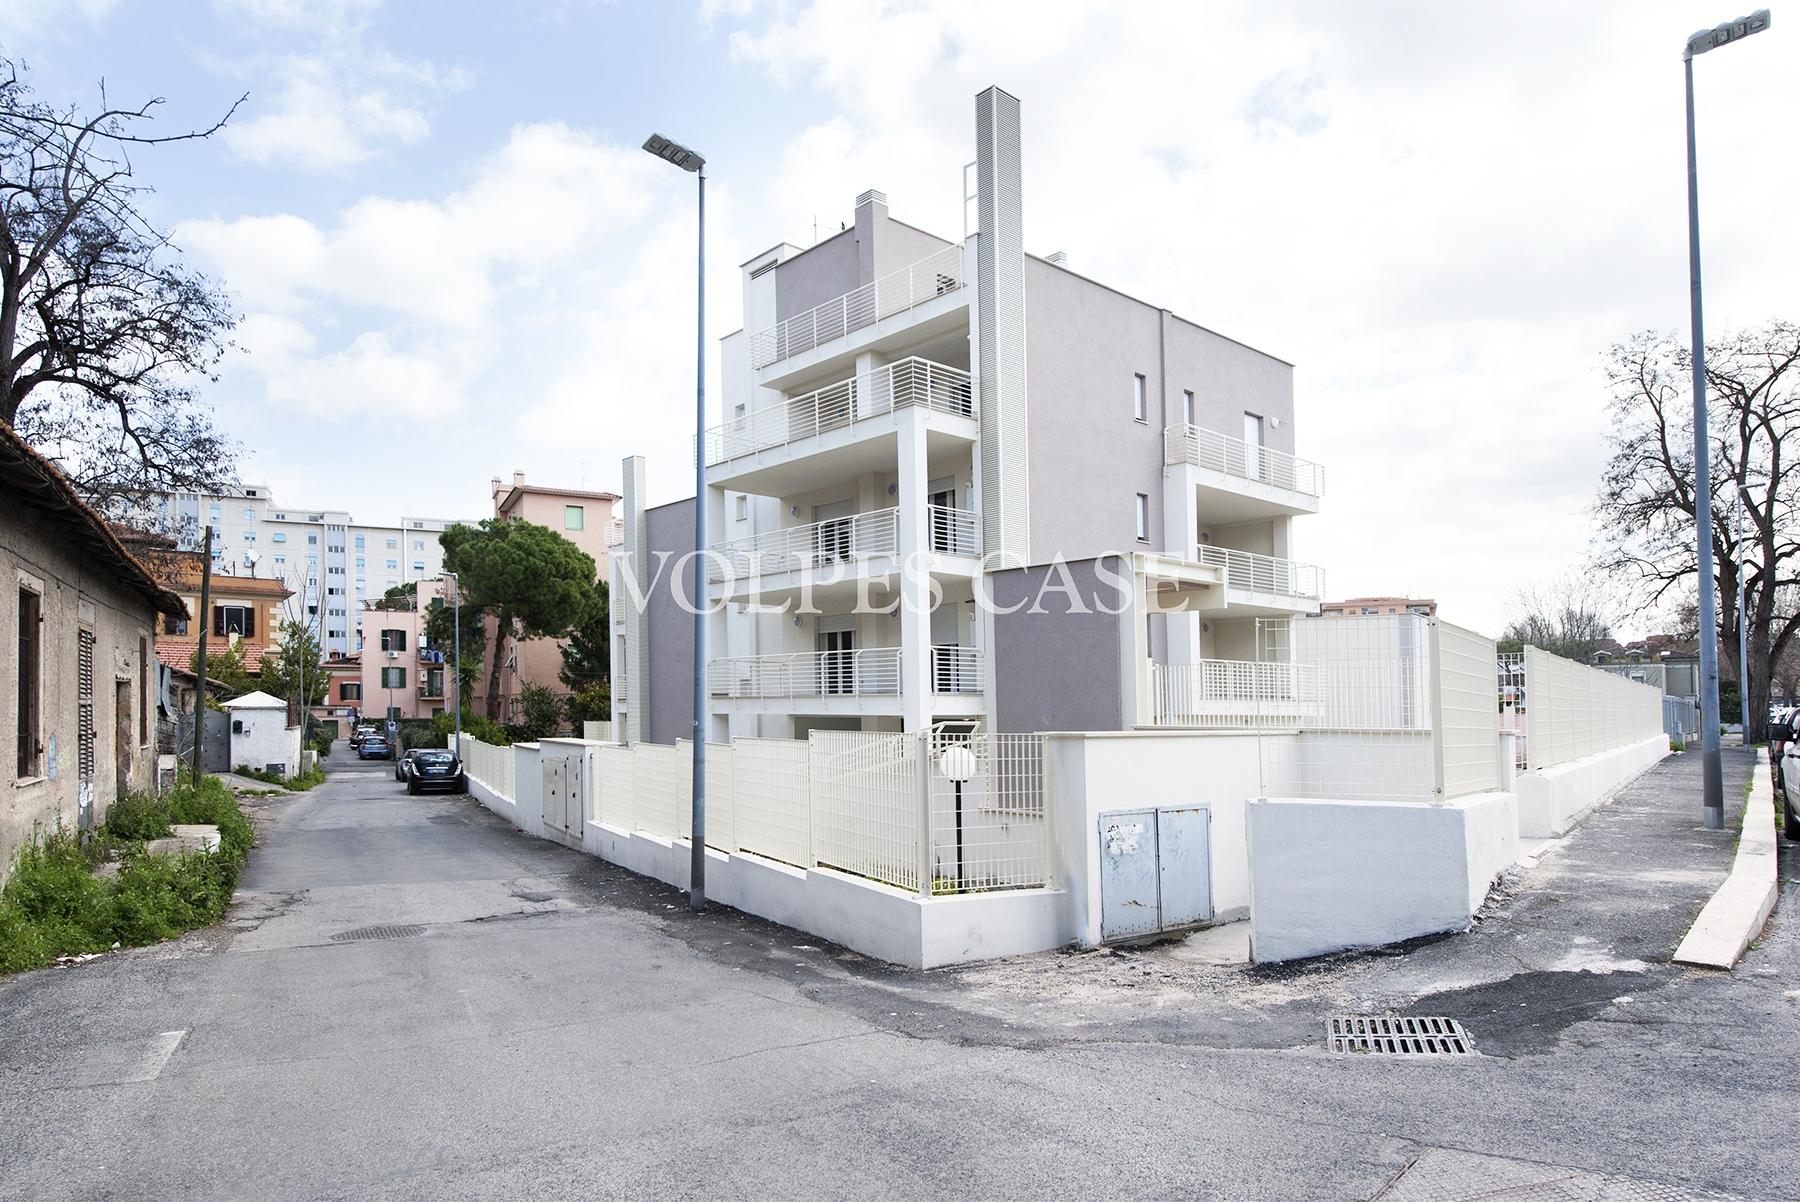 Appartamento in affitto a roma cod v45 3470 for Roma affitto prati